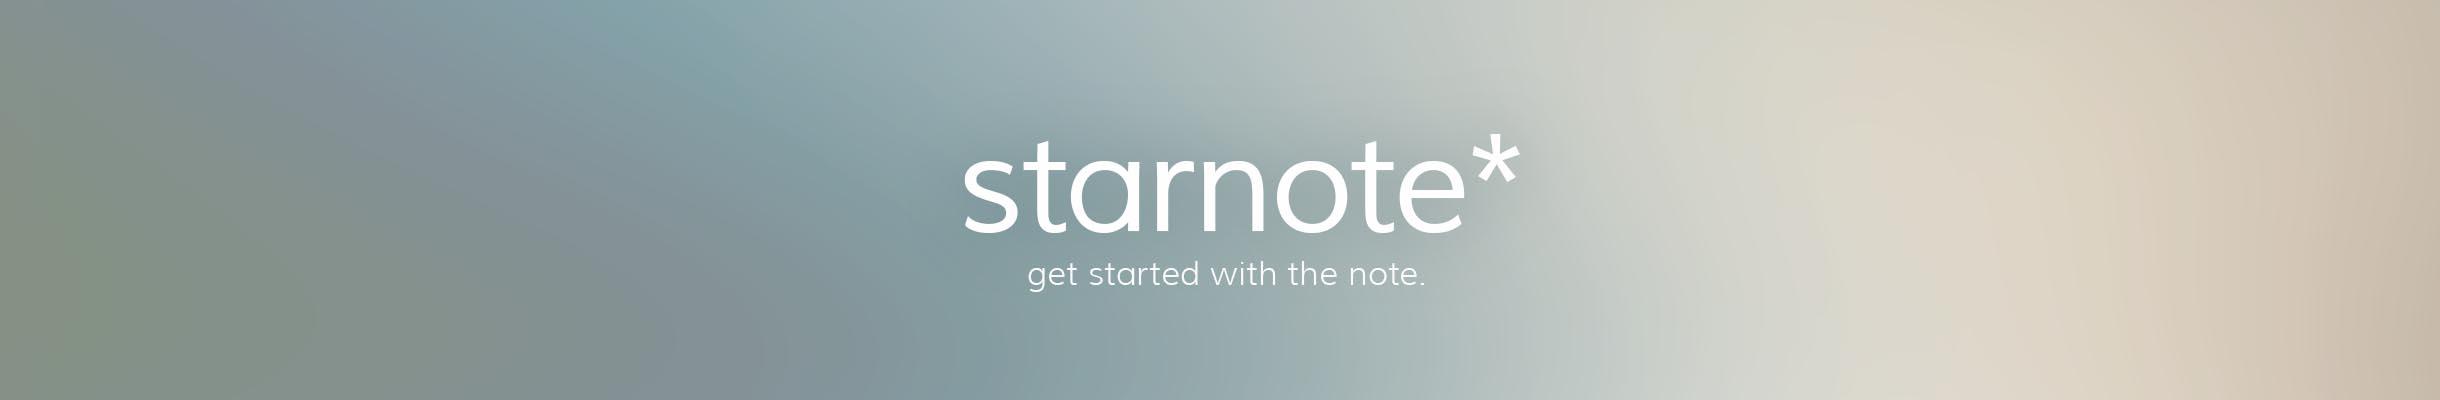 starnote*